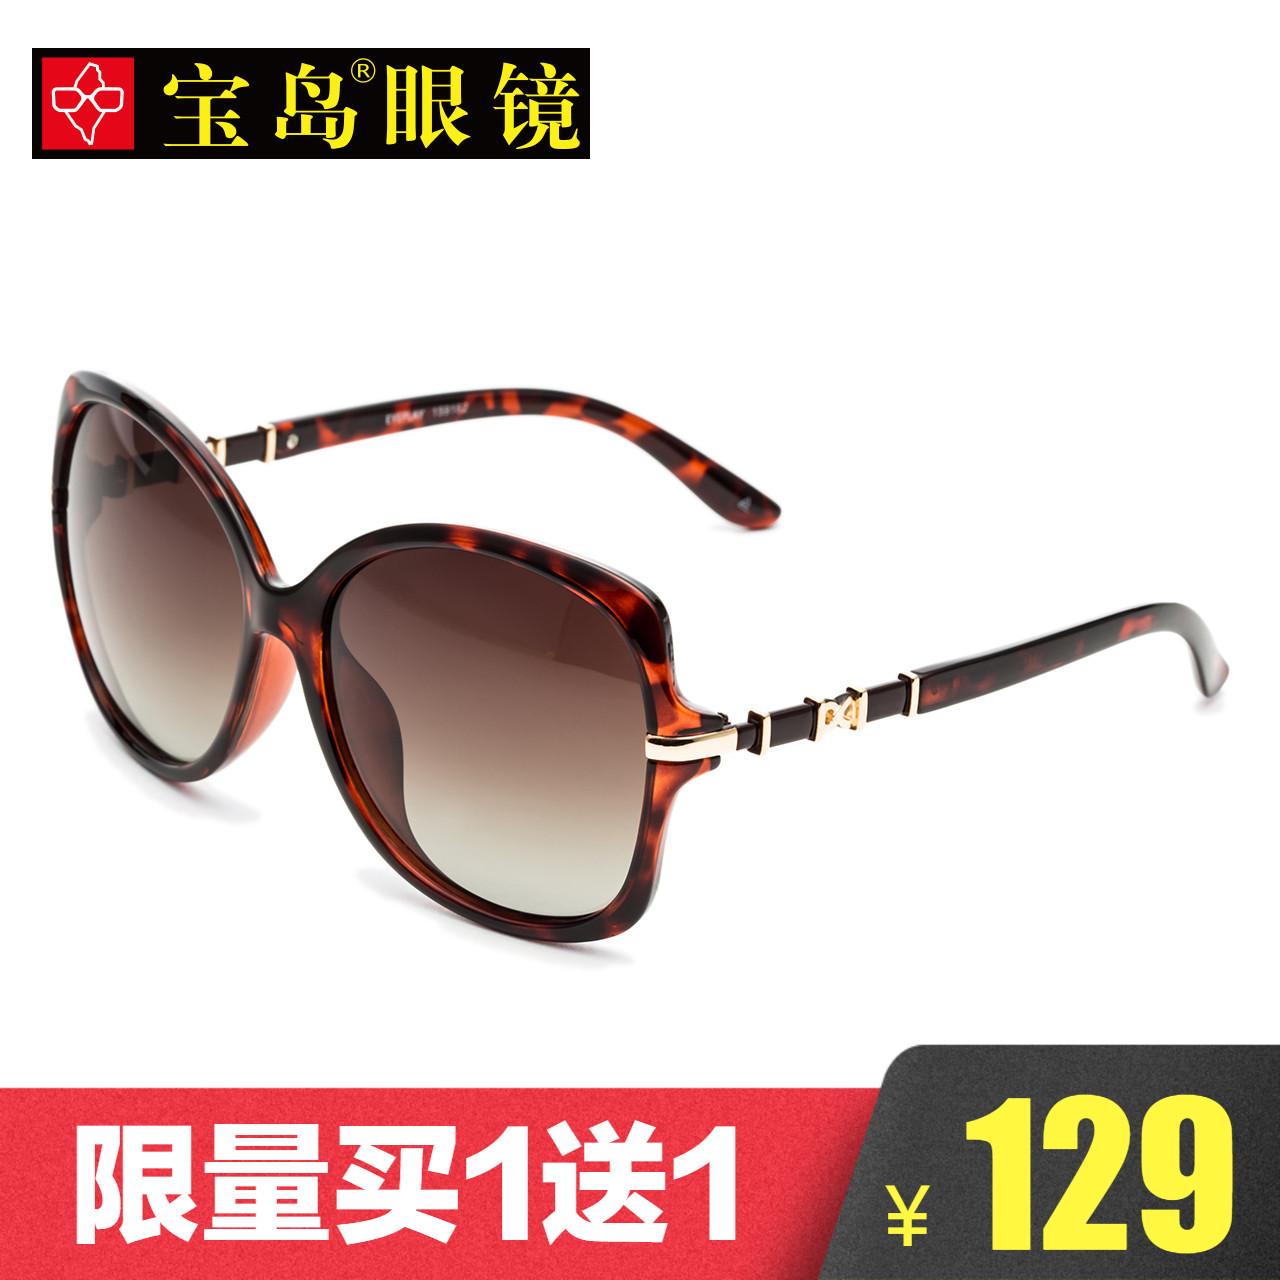 目戏眼镜 太阳镜女士圆脸个性大框墨镜方形时尚偏光镜 目戏509010